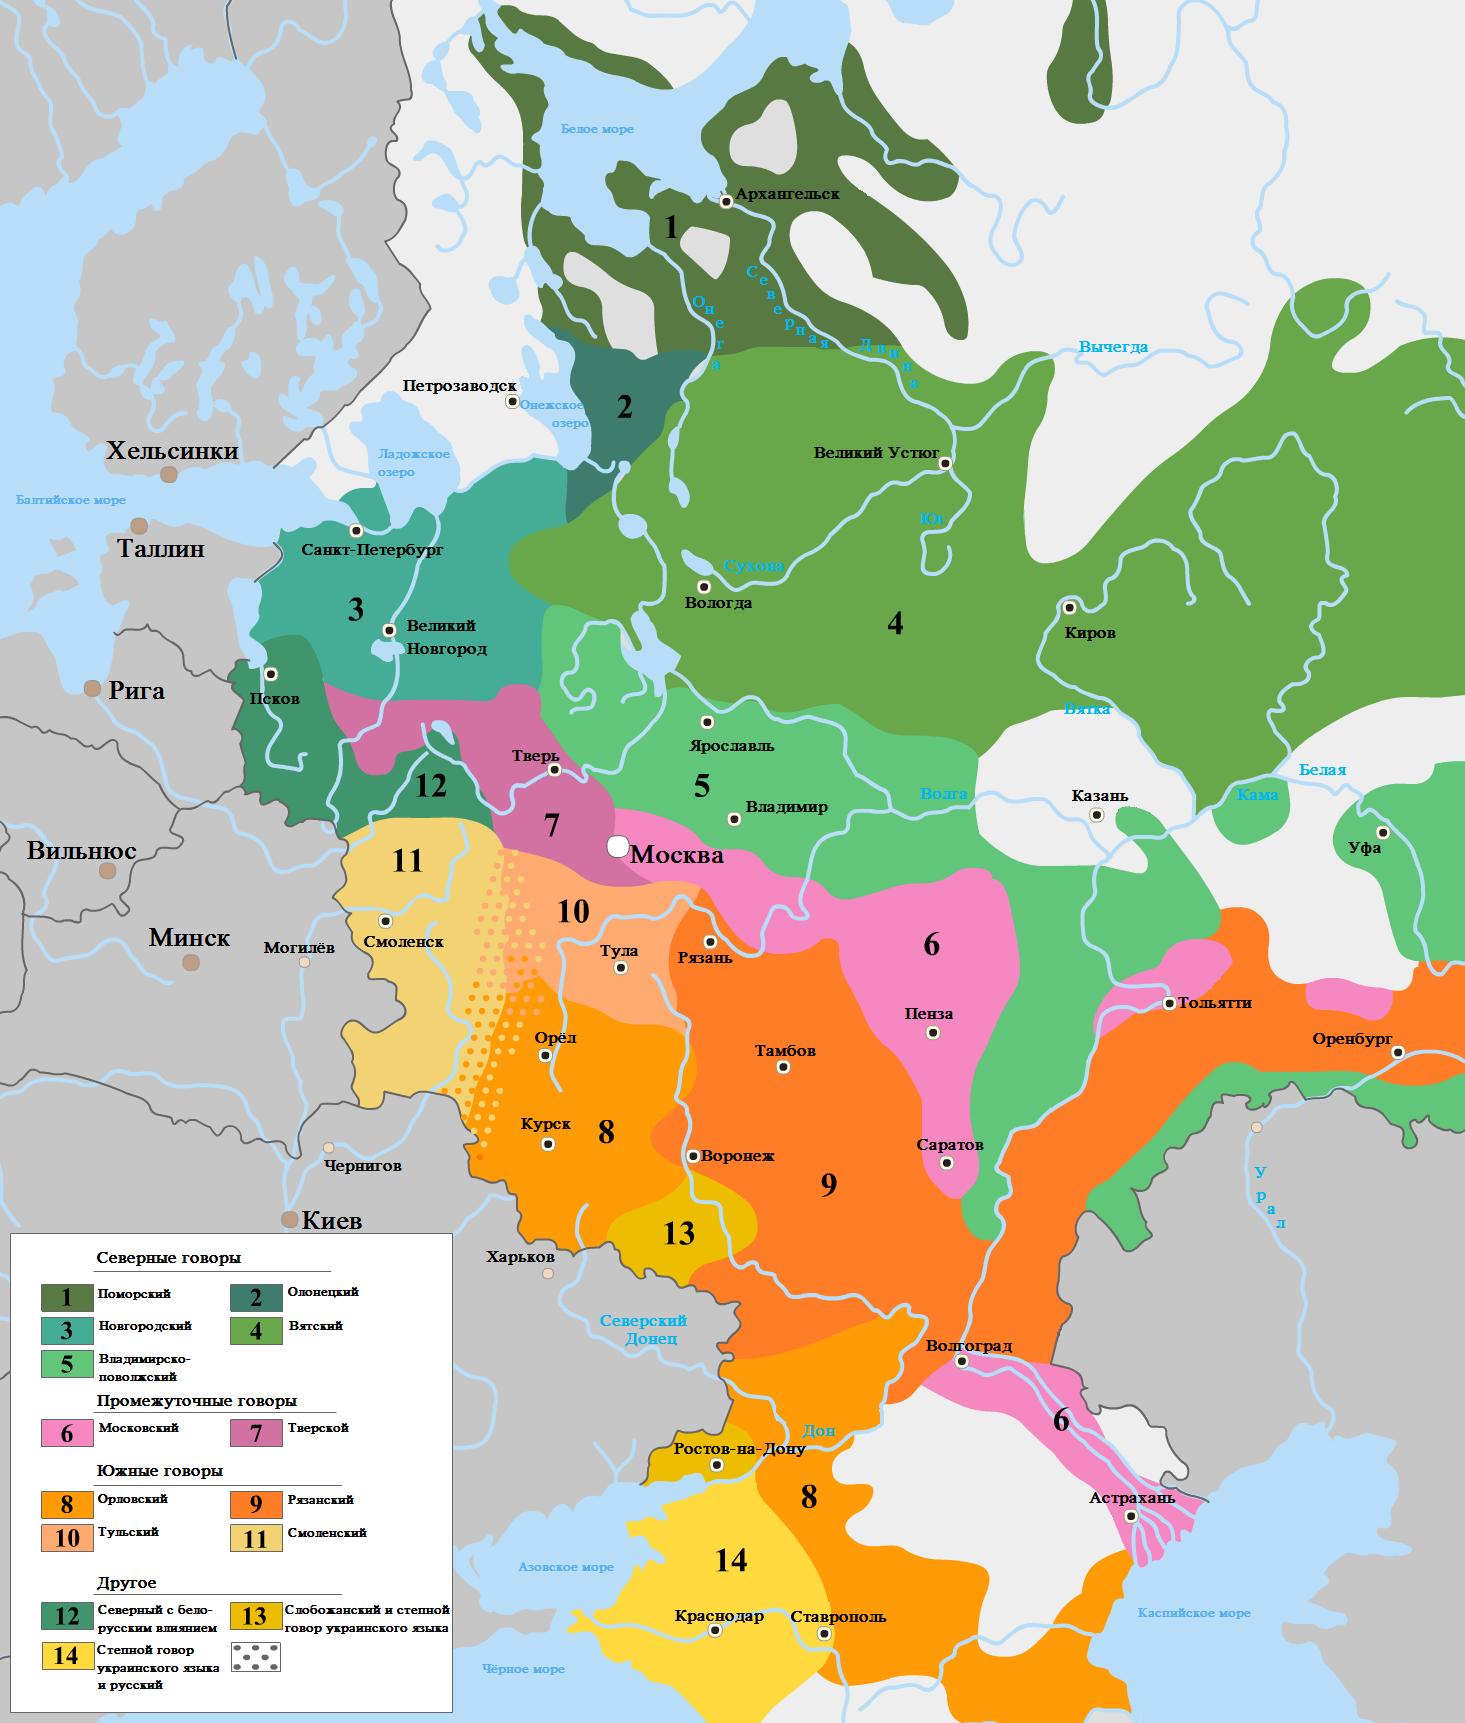 Современная карта русских диалектов